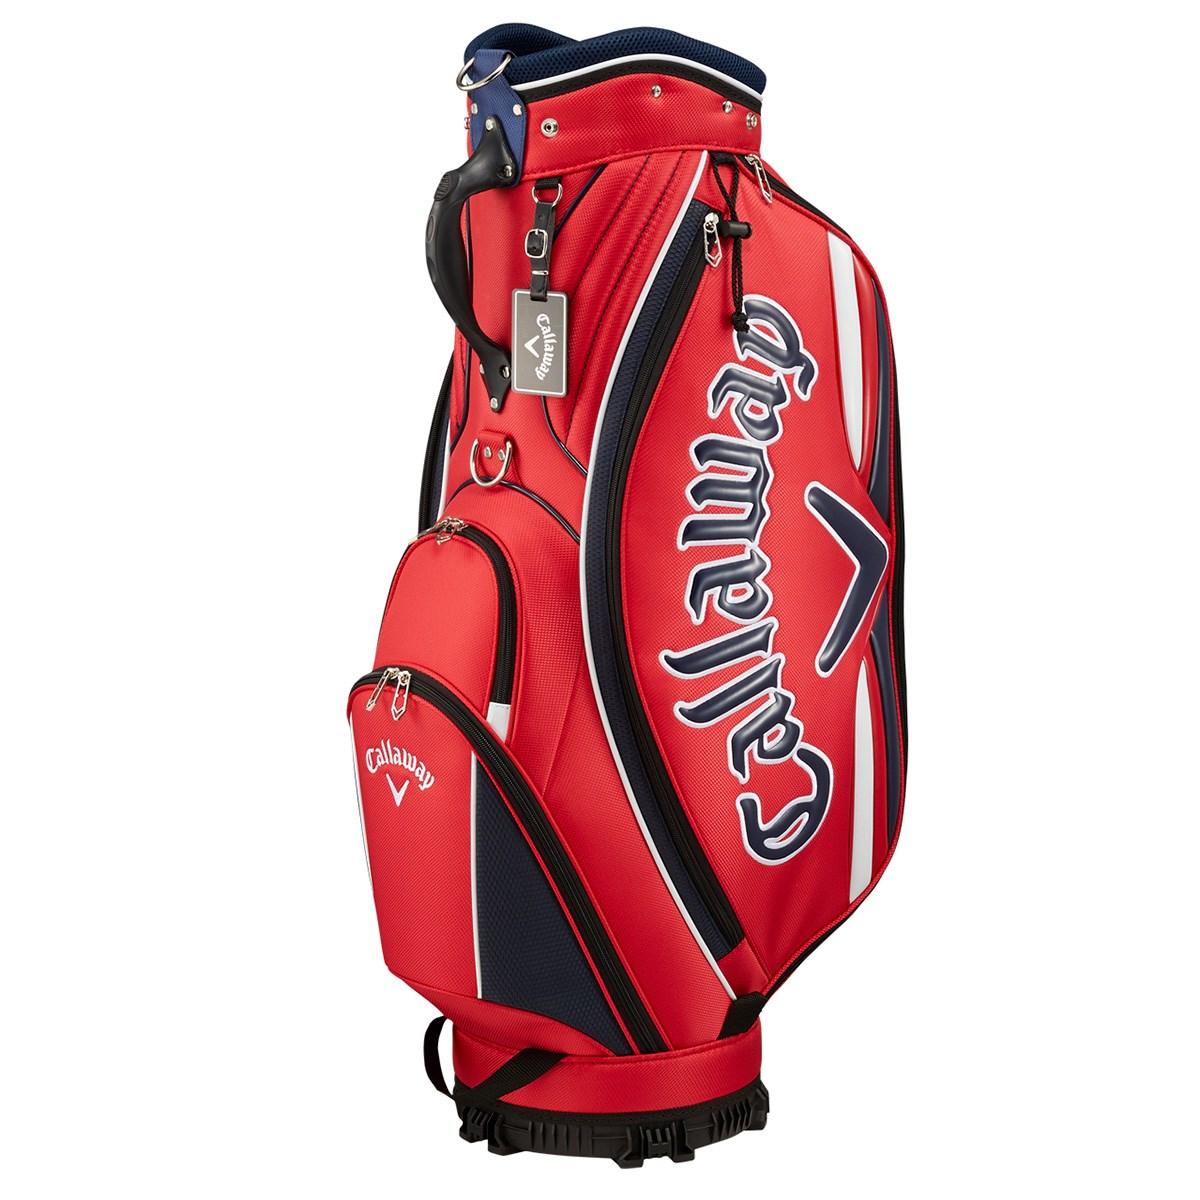 キャロウェイゴルフ(Callaway Golf) SPORT JM キャディバッグ